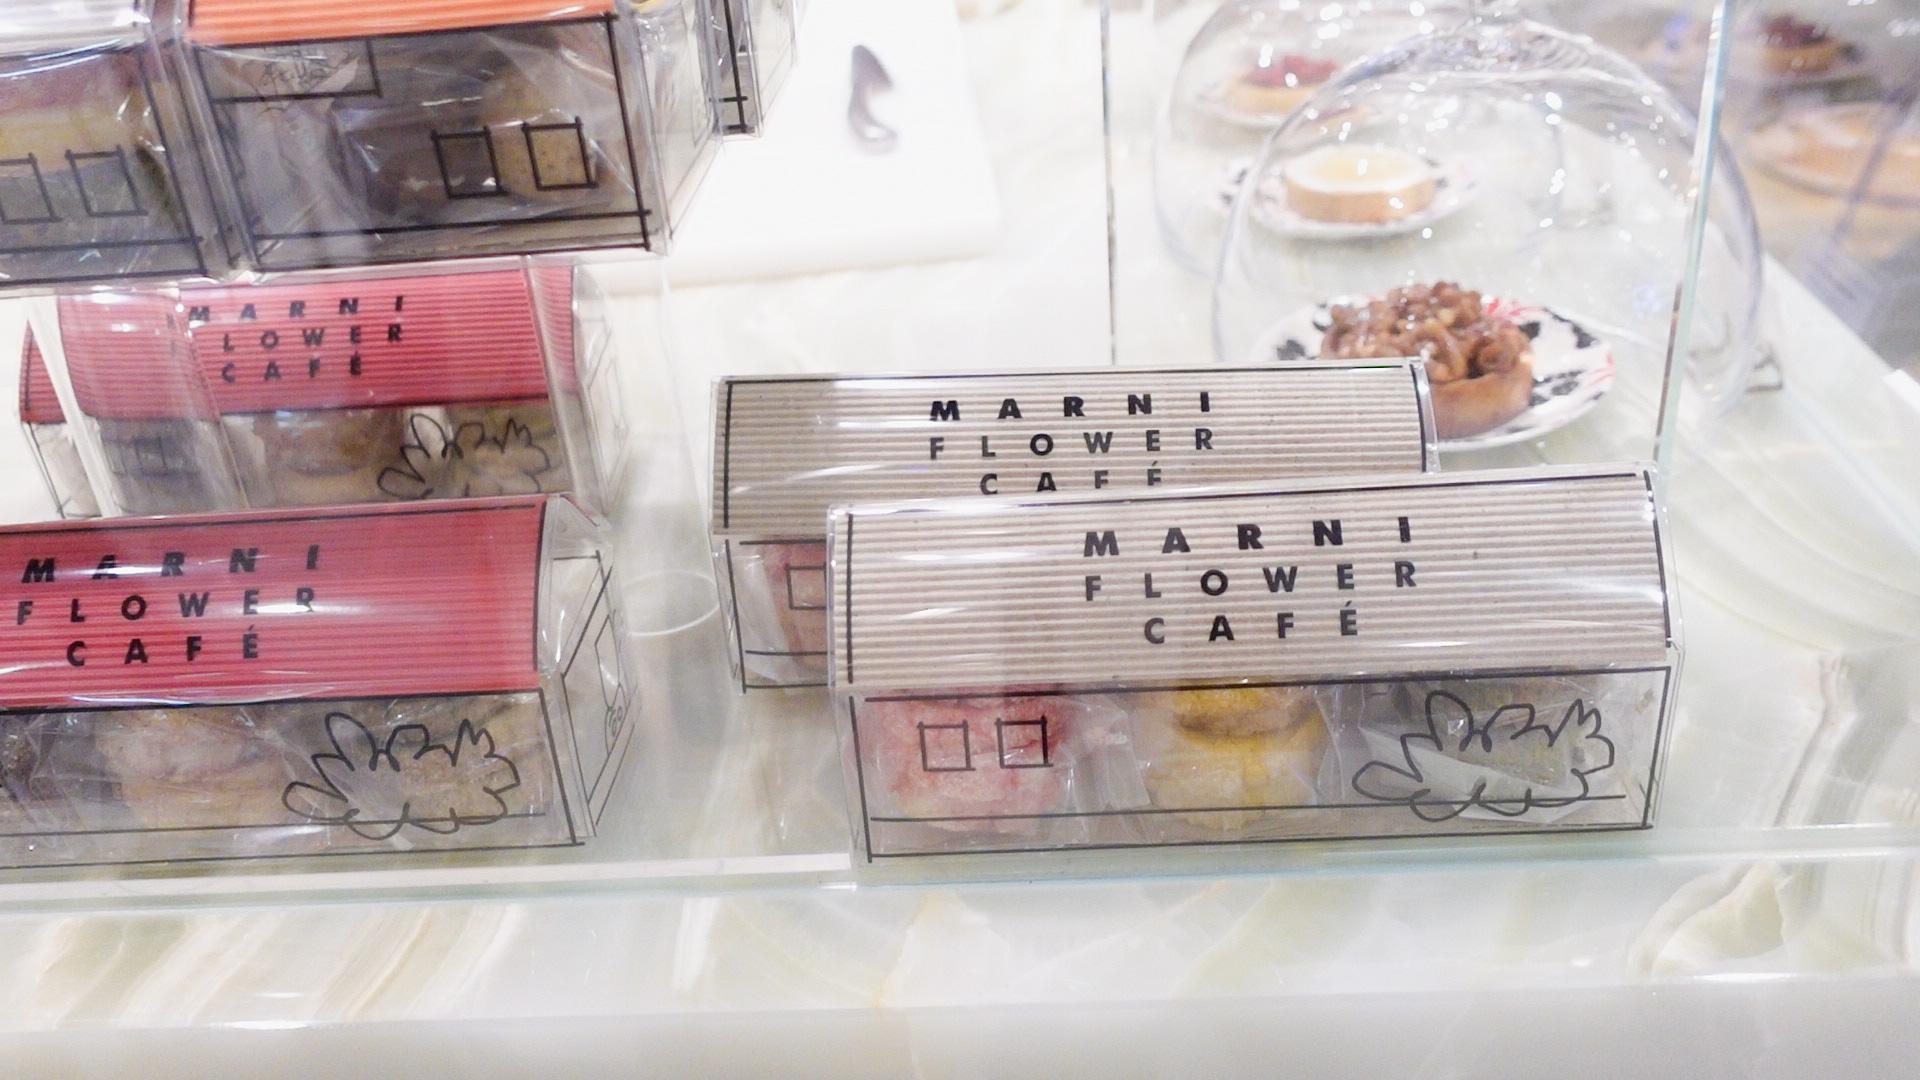 【大阪】阪急うめだ本店にMARNI のカフェが!?「MARNI FLOWER CAFE」ではスイーツやランチも楽しめてかわいいクッキーも買えちゃう!?_7